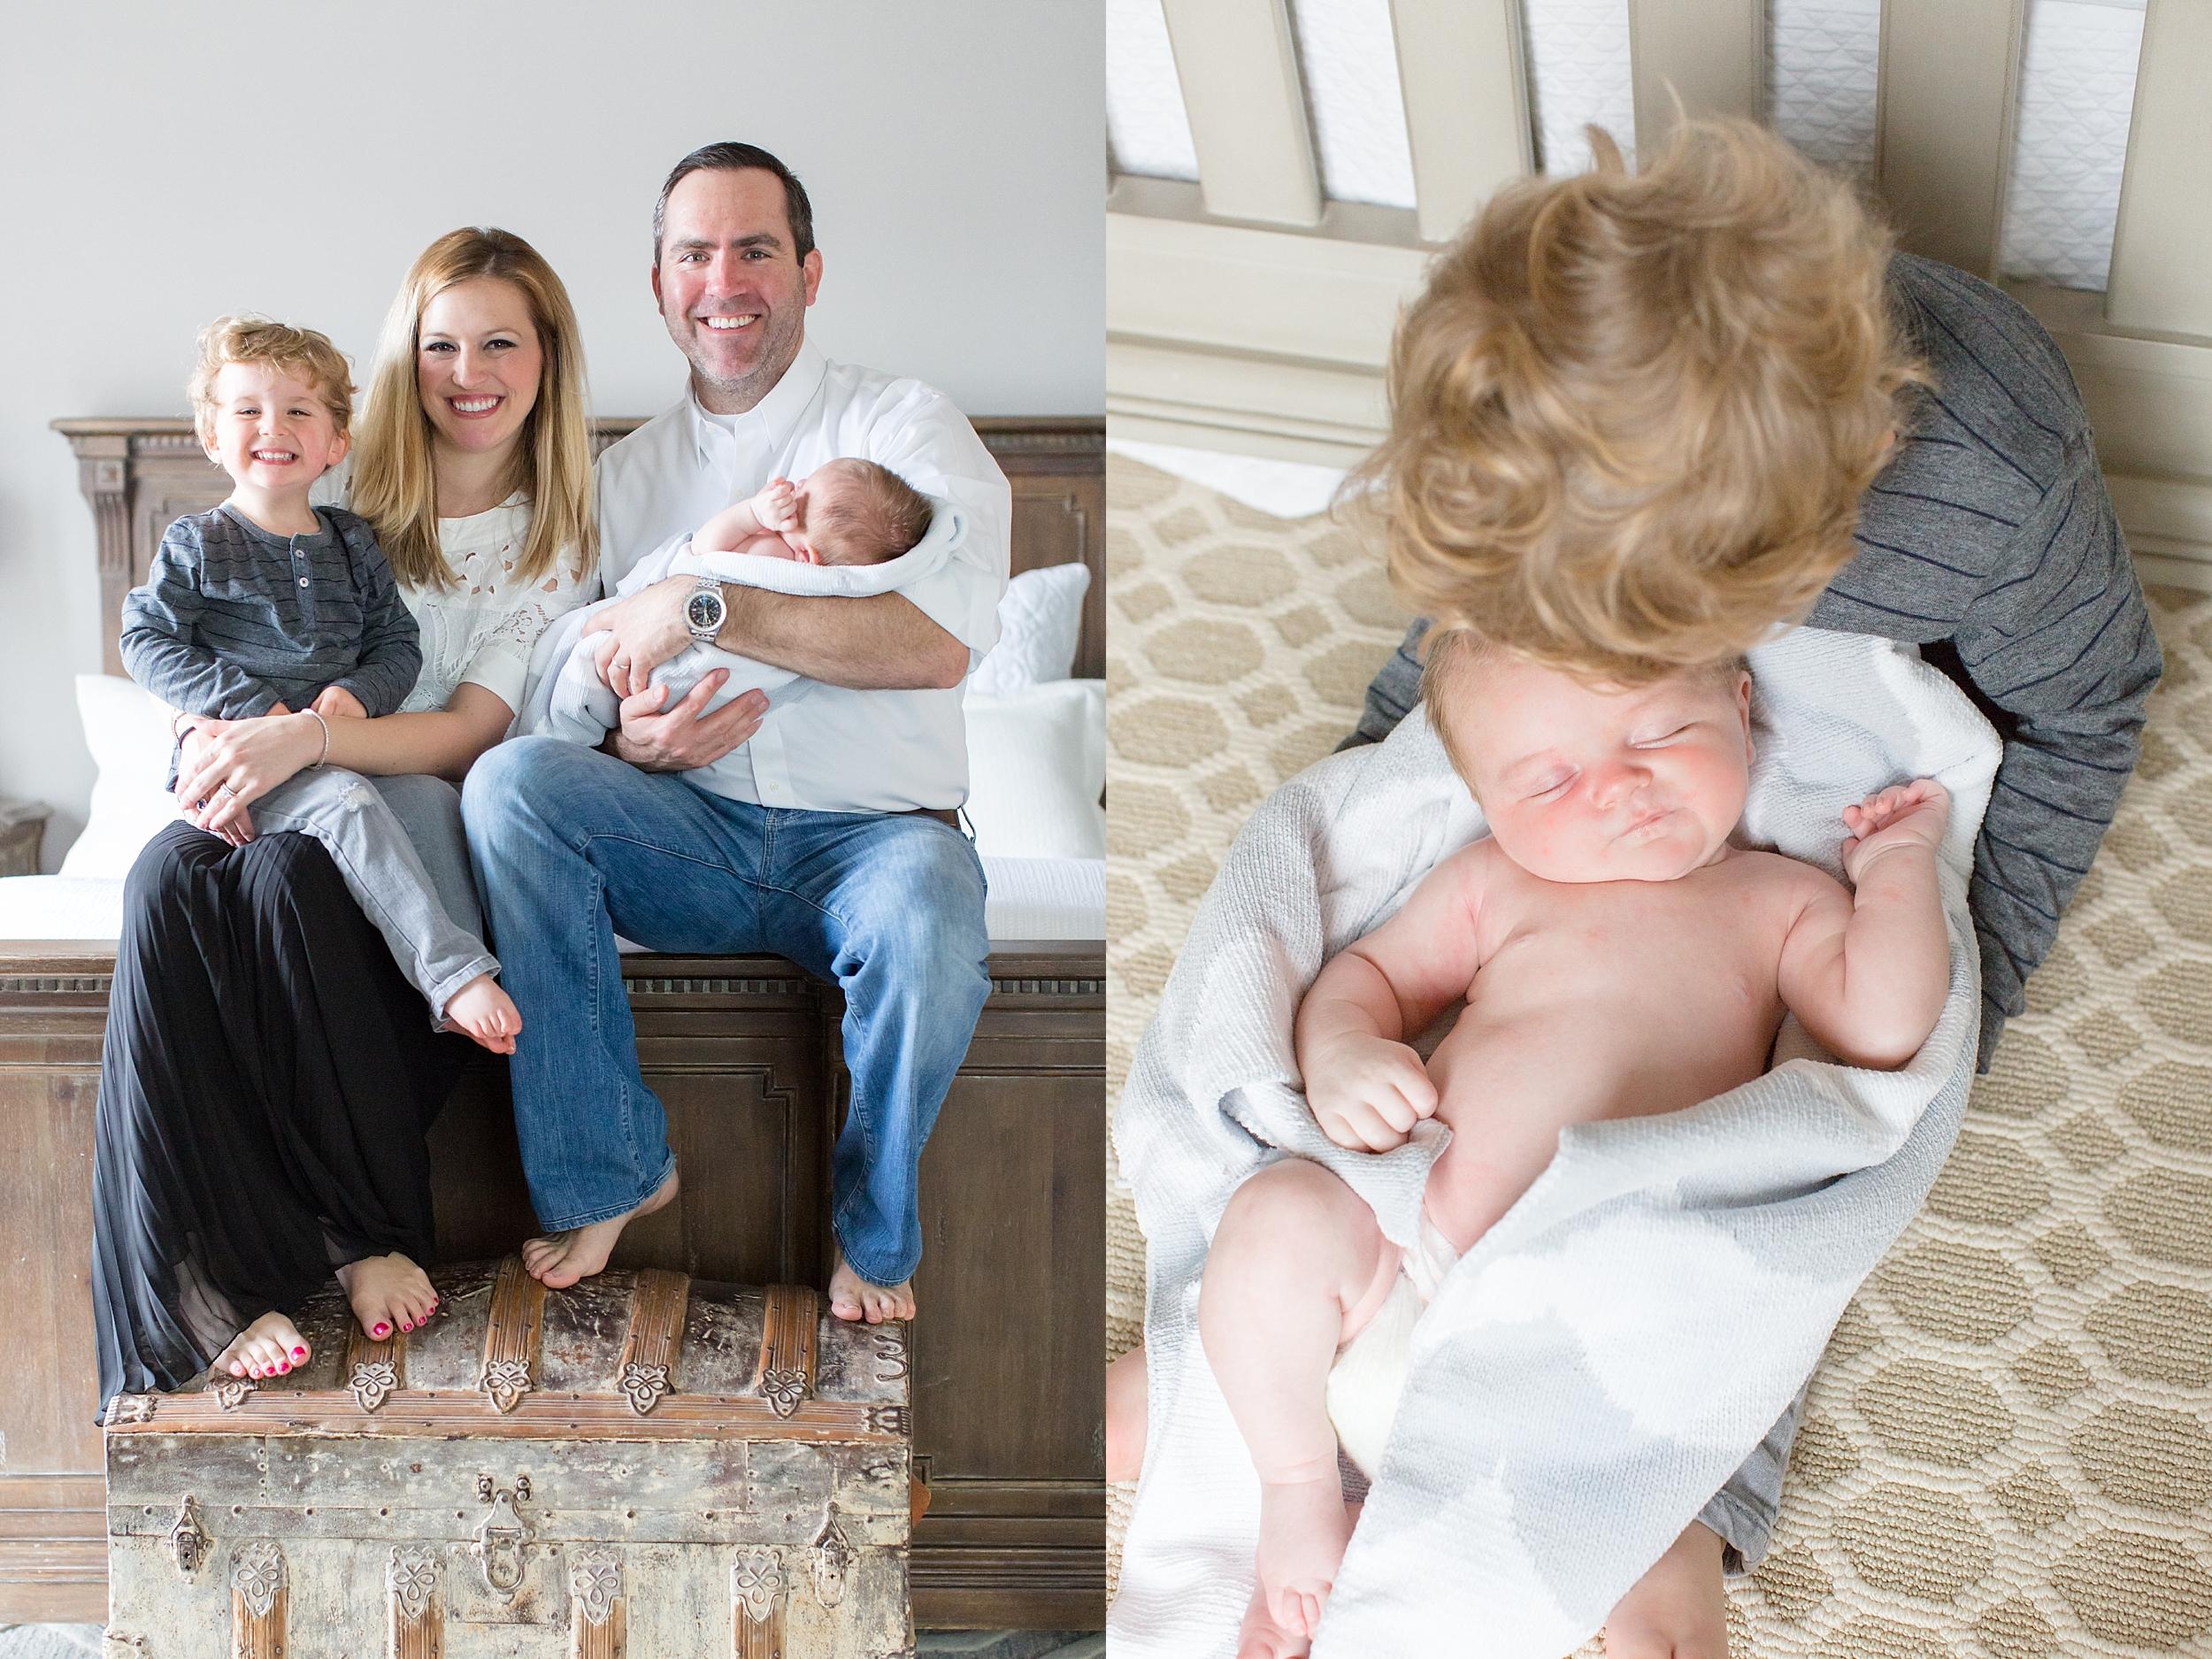 Landon-Schneider-Photography-Liverance-Newborn-Session-McKinney-Texas_0023.jpg